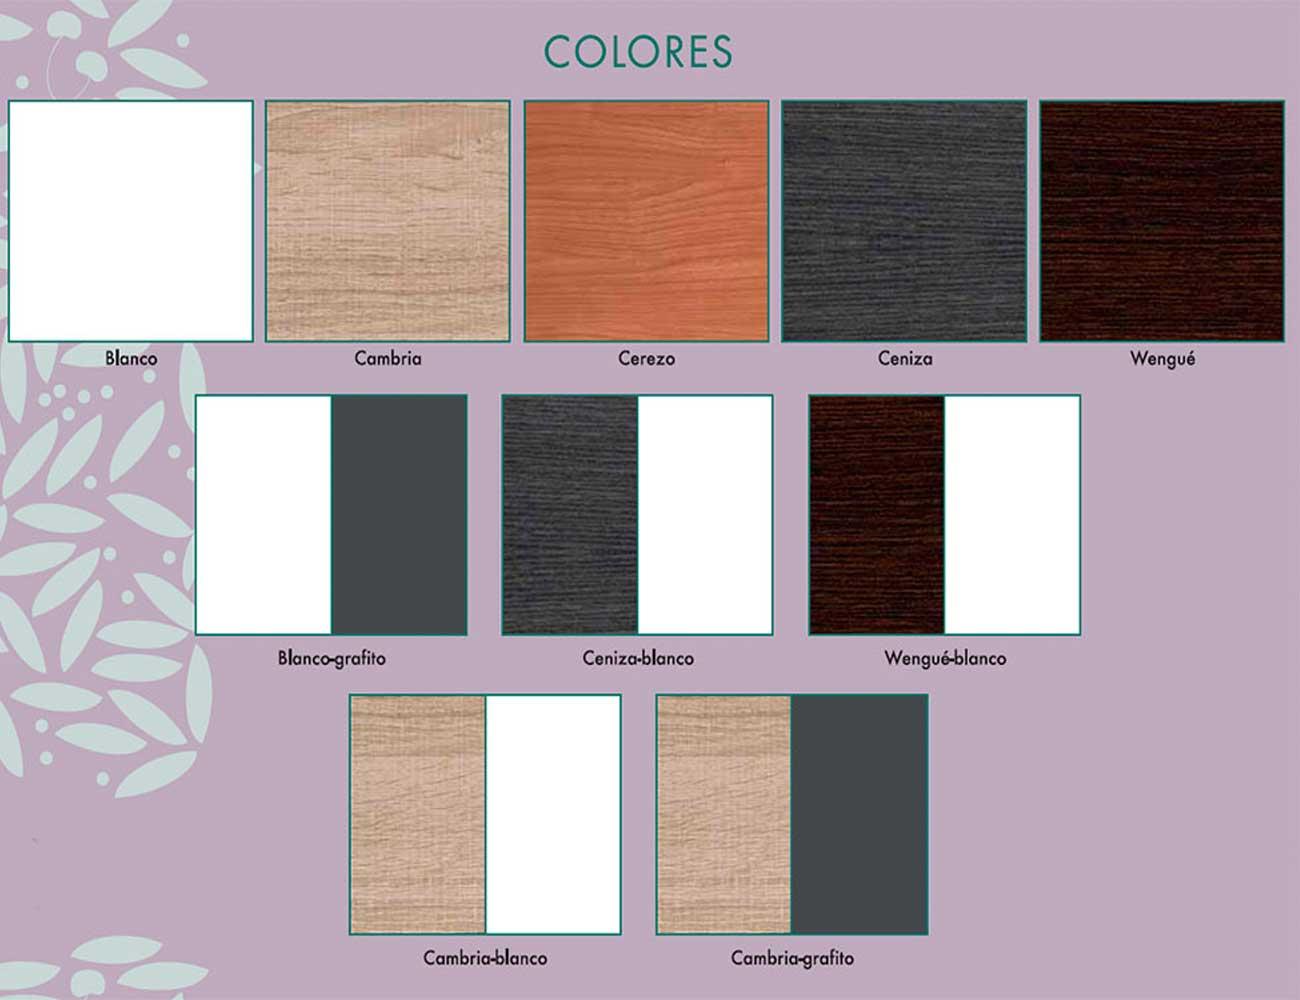 Salon colores4